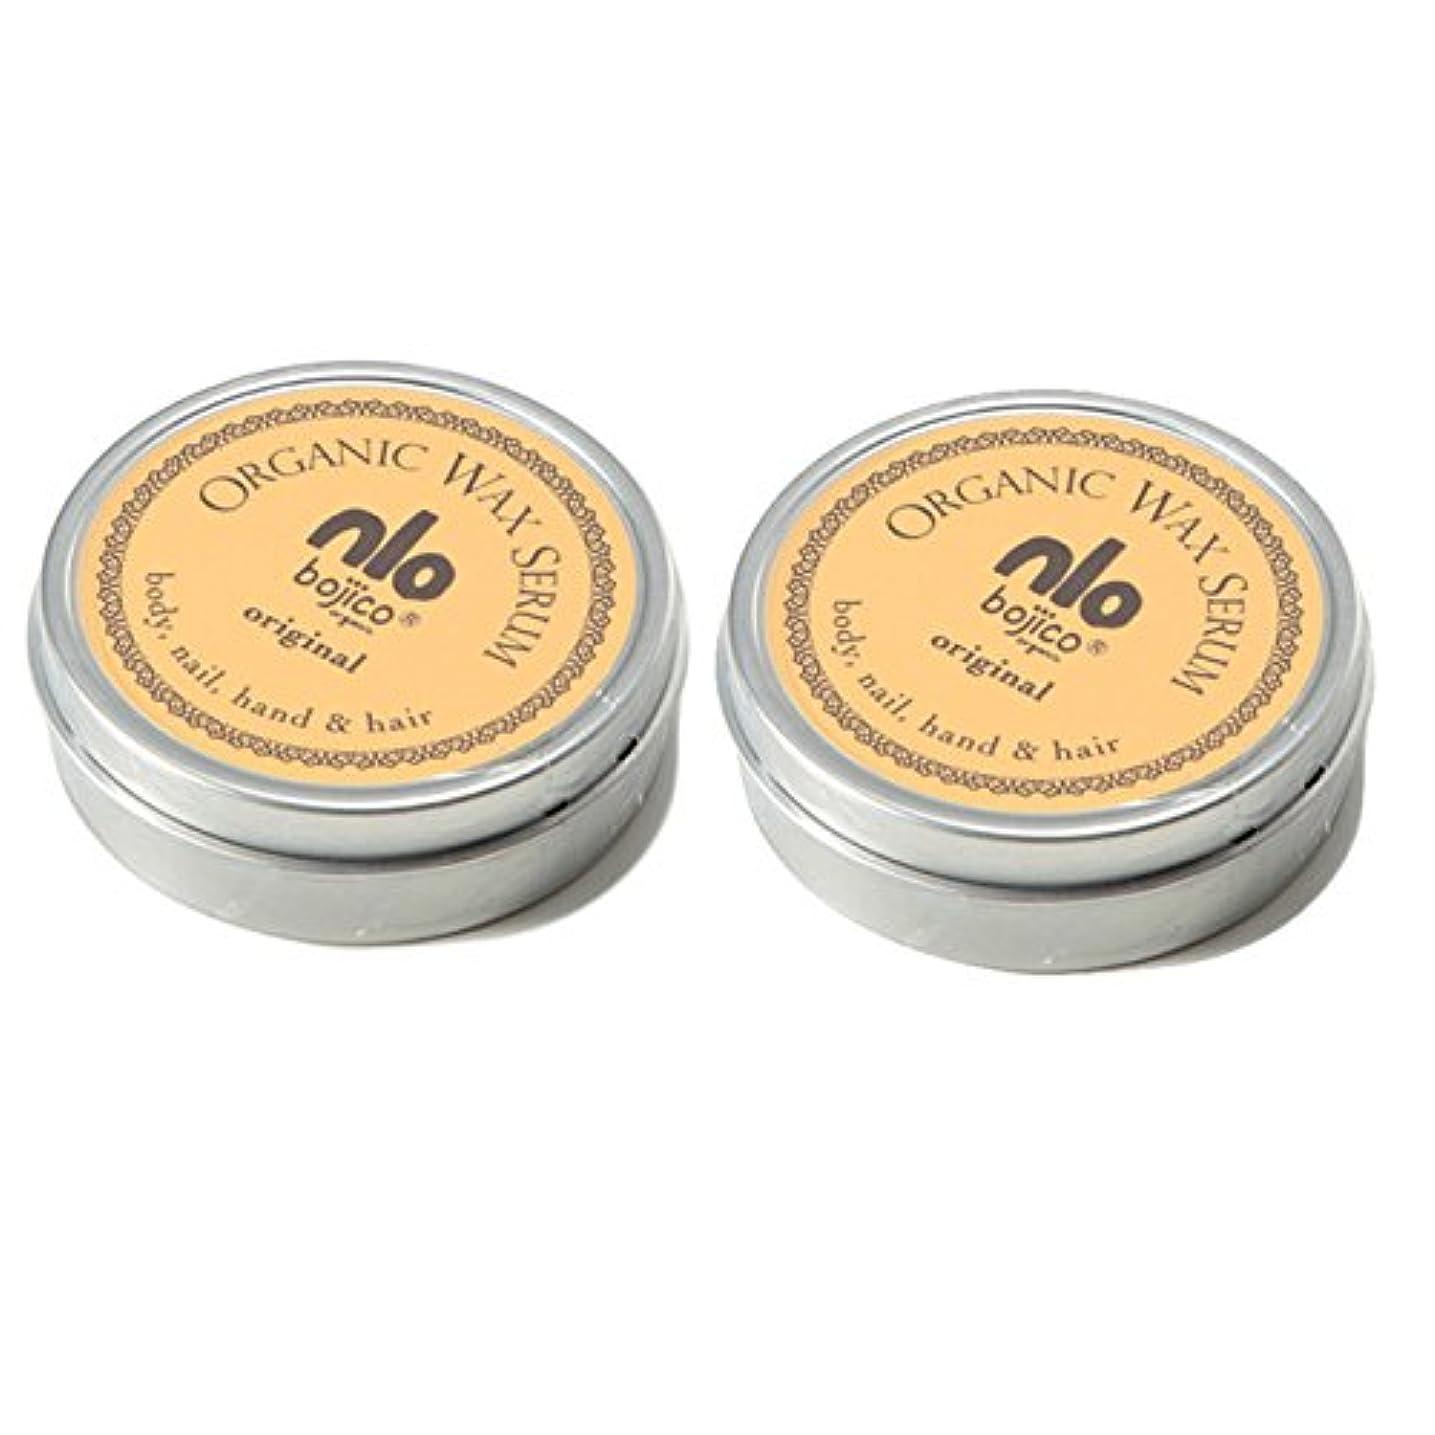 技術的なポイント具体的に【40g×2個セット】 ボジコ オーガニック ワックス セラム<オリジナル> bojico Organic Wax Serum 40g×2